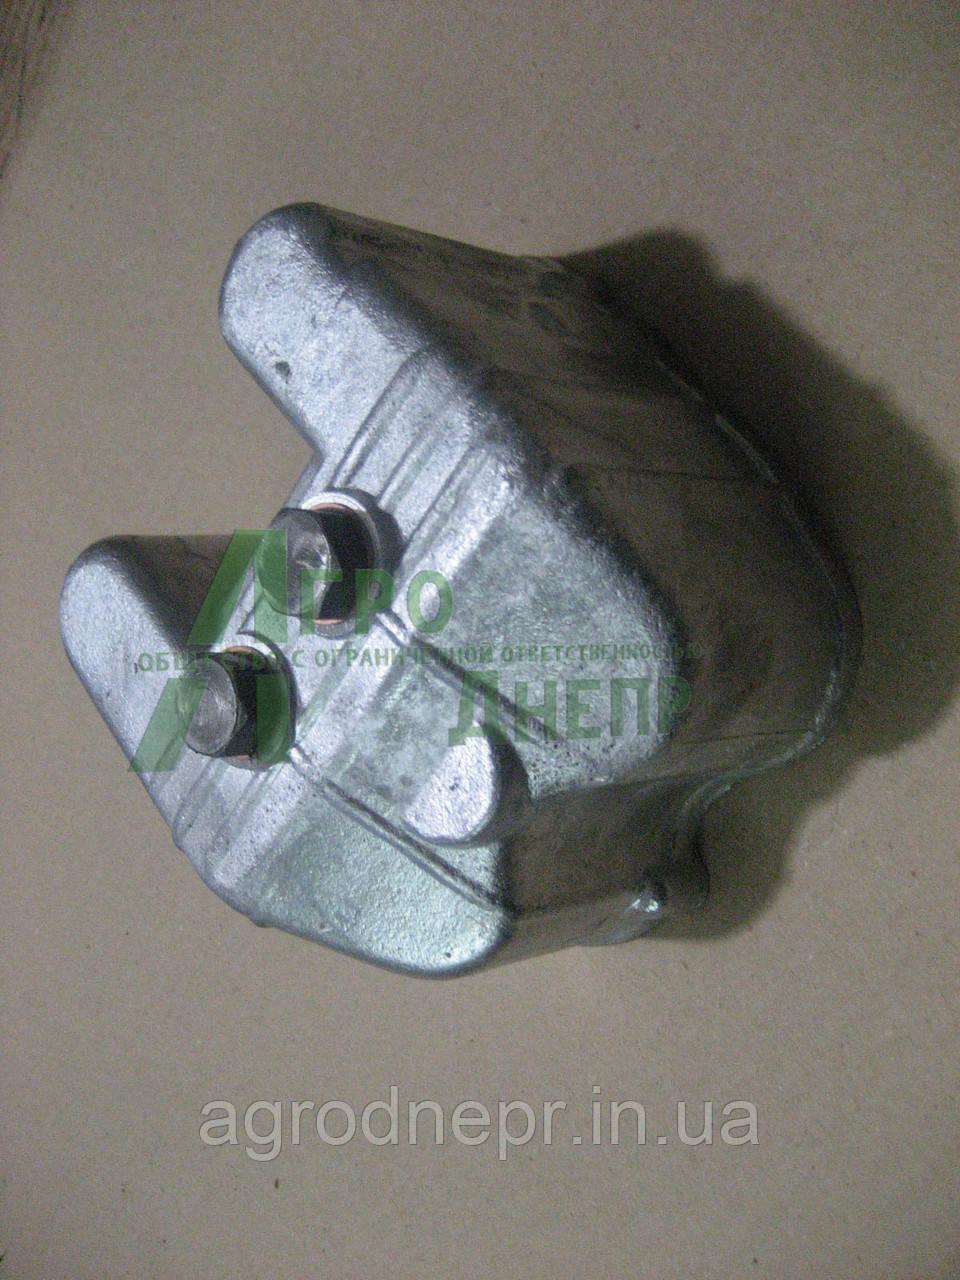 Крышка клапанов Д37М-1007400-Б3 на трактора ЛТЗ Т-16, Т-25, Т-40